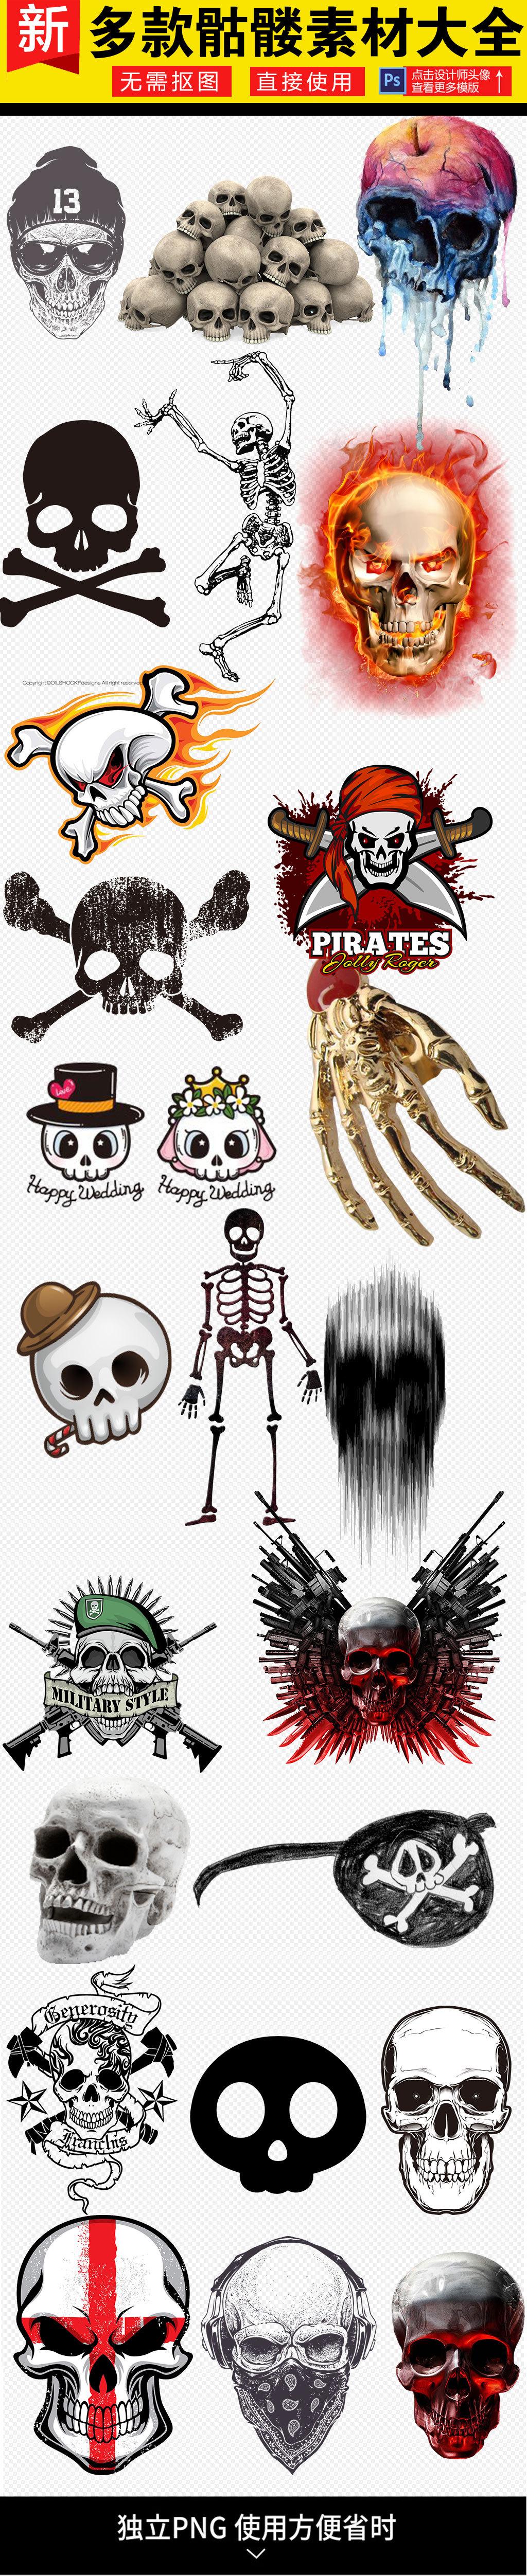 幽灵                                    手绘骷髅